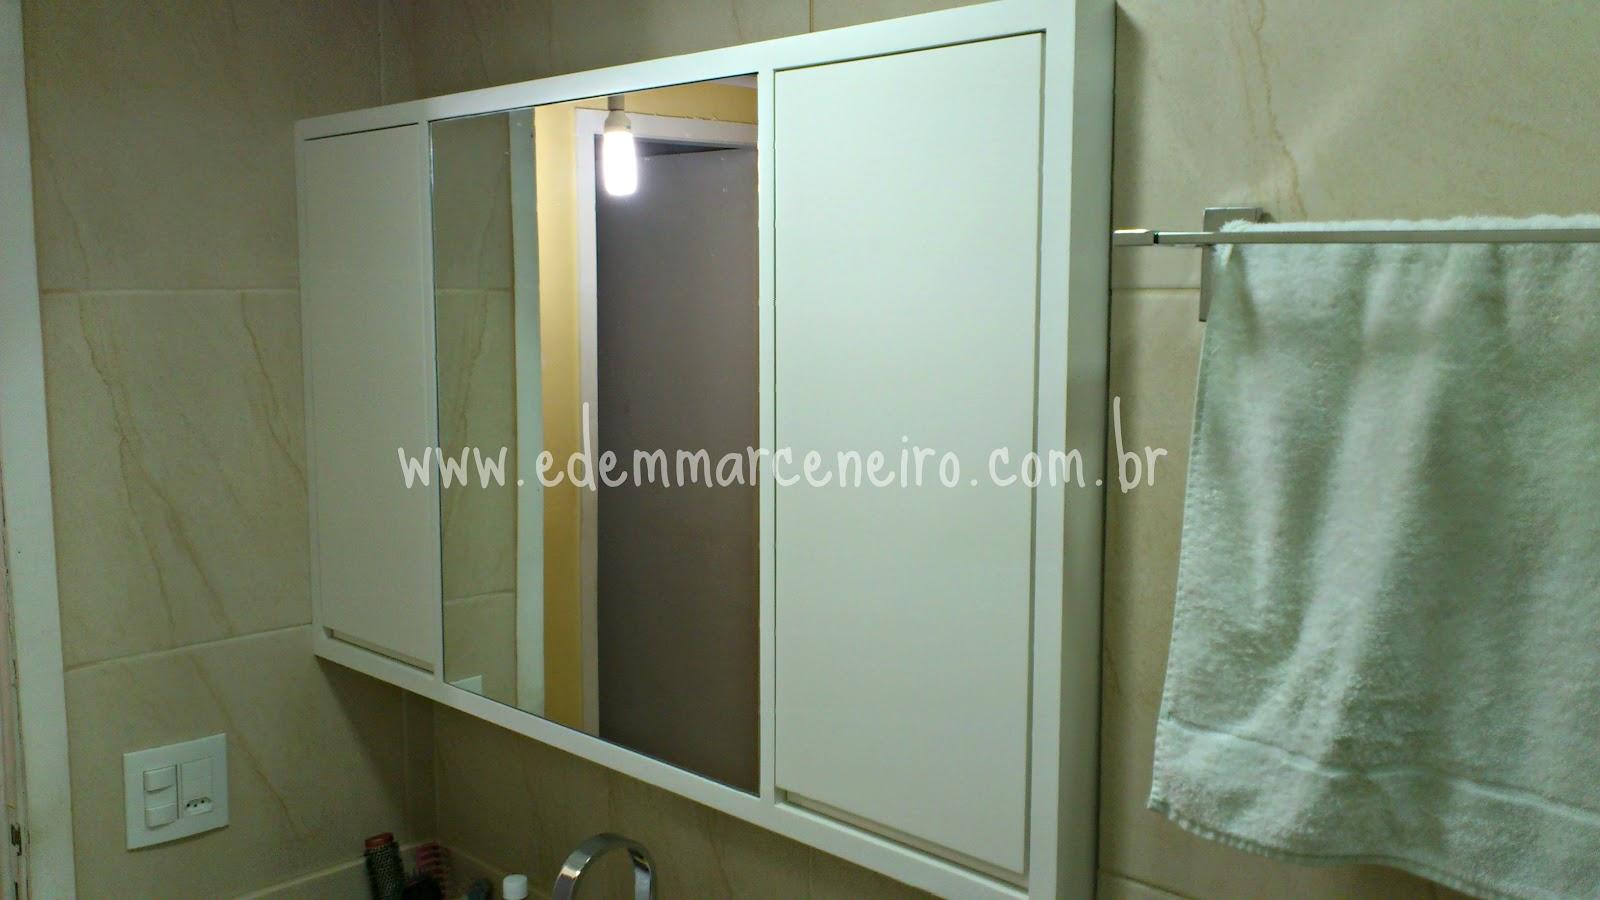 Aproveite e siga o Instagam Edem marceneiro e curta a página Edem  #867D45 1600x900 Armario Banheiro Usado